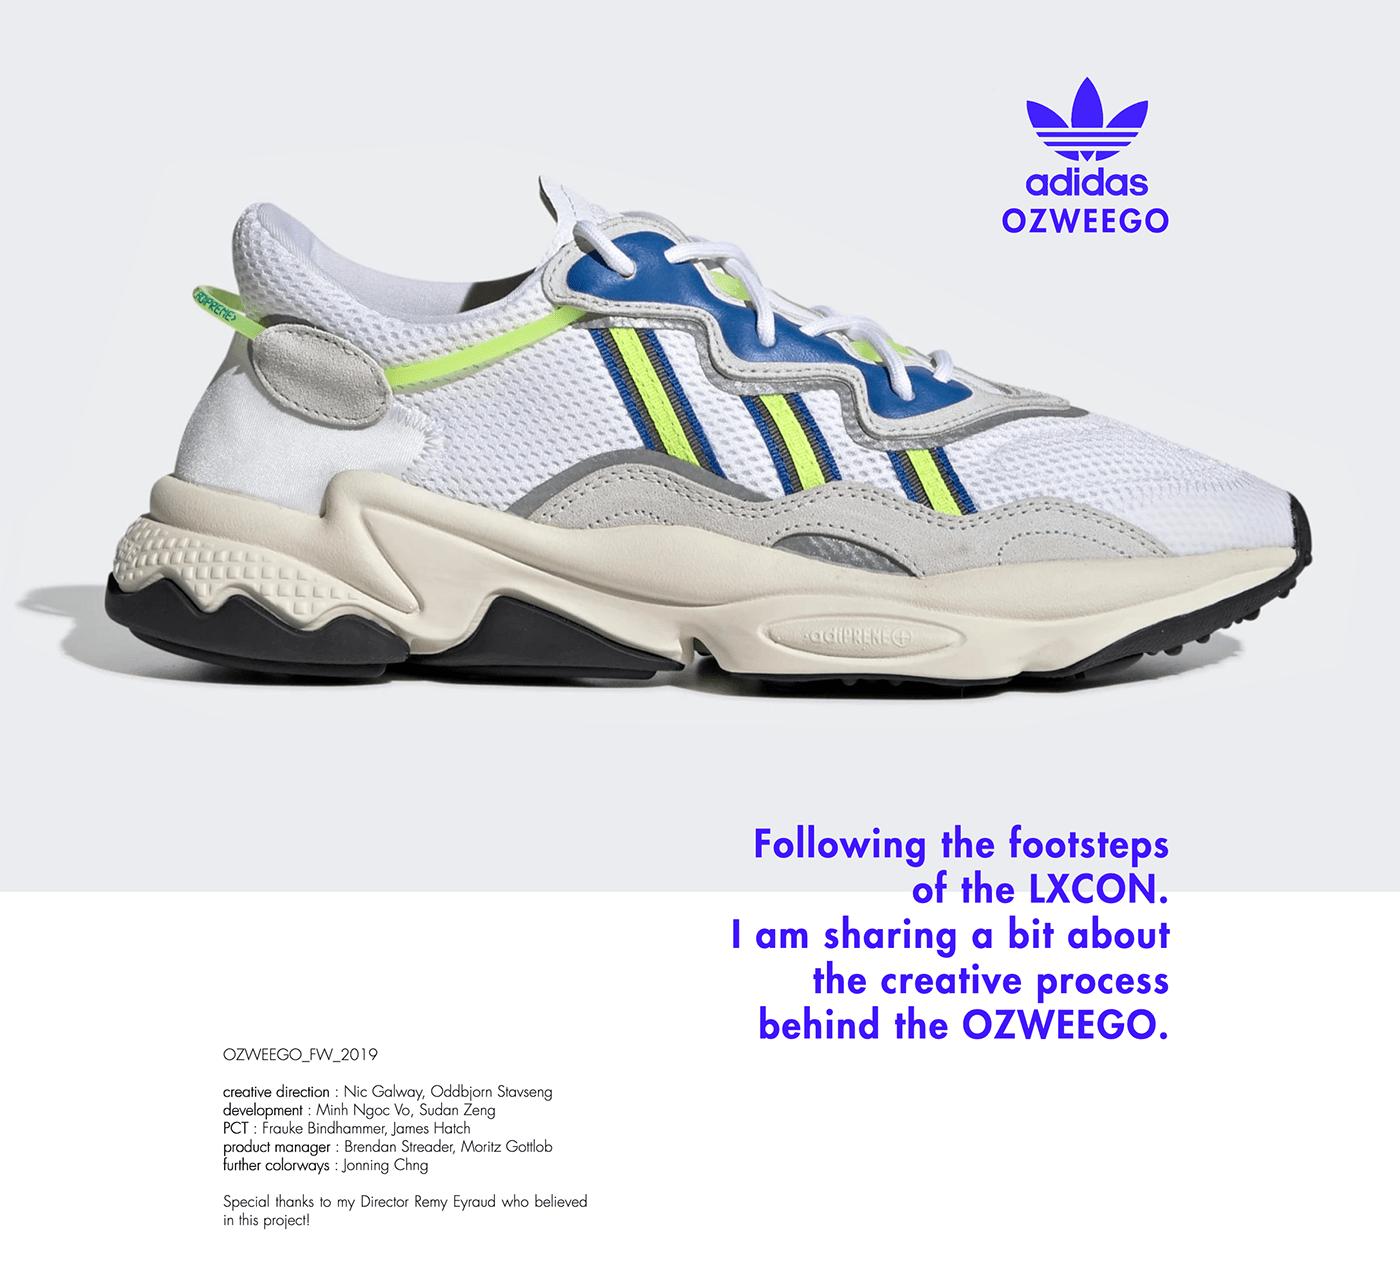 Adidas Ozweego Design Process by Konstantin Baumann